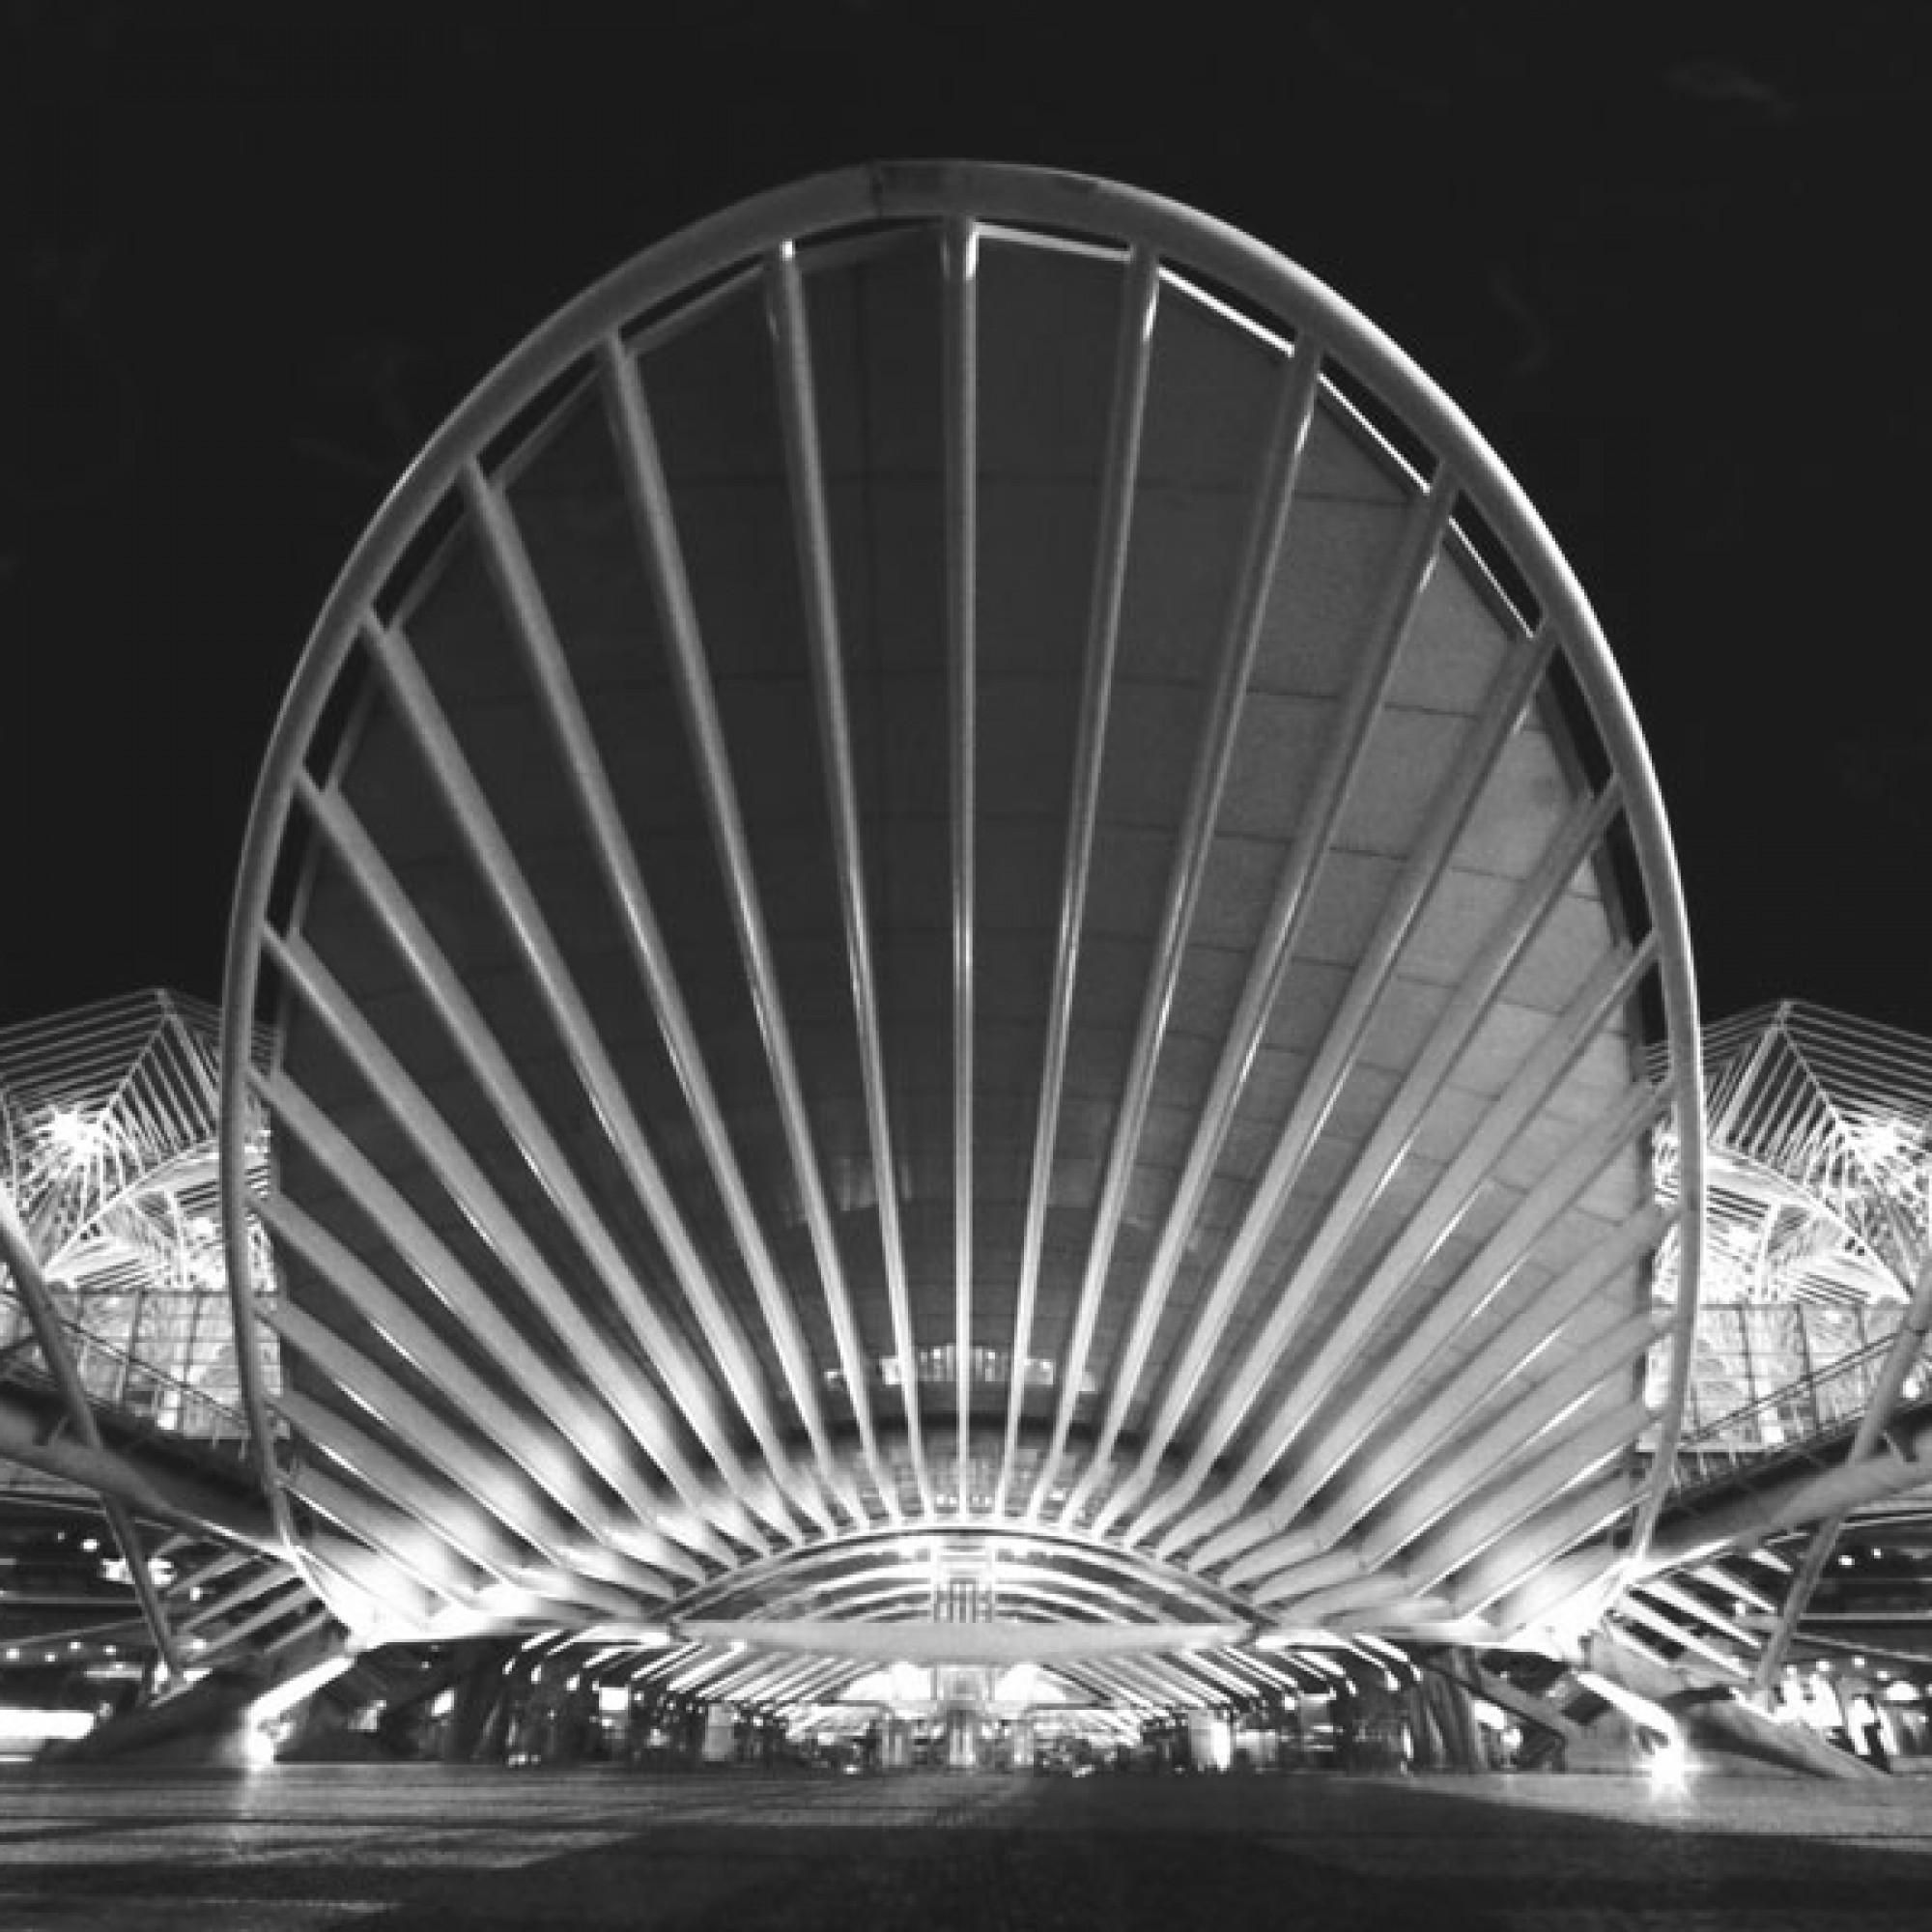 Gare do Oriente, Manuela Martin